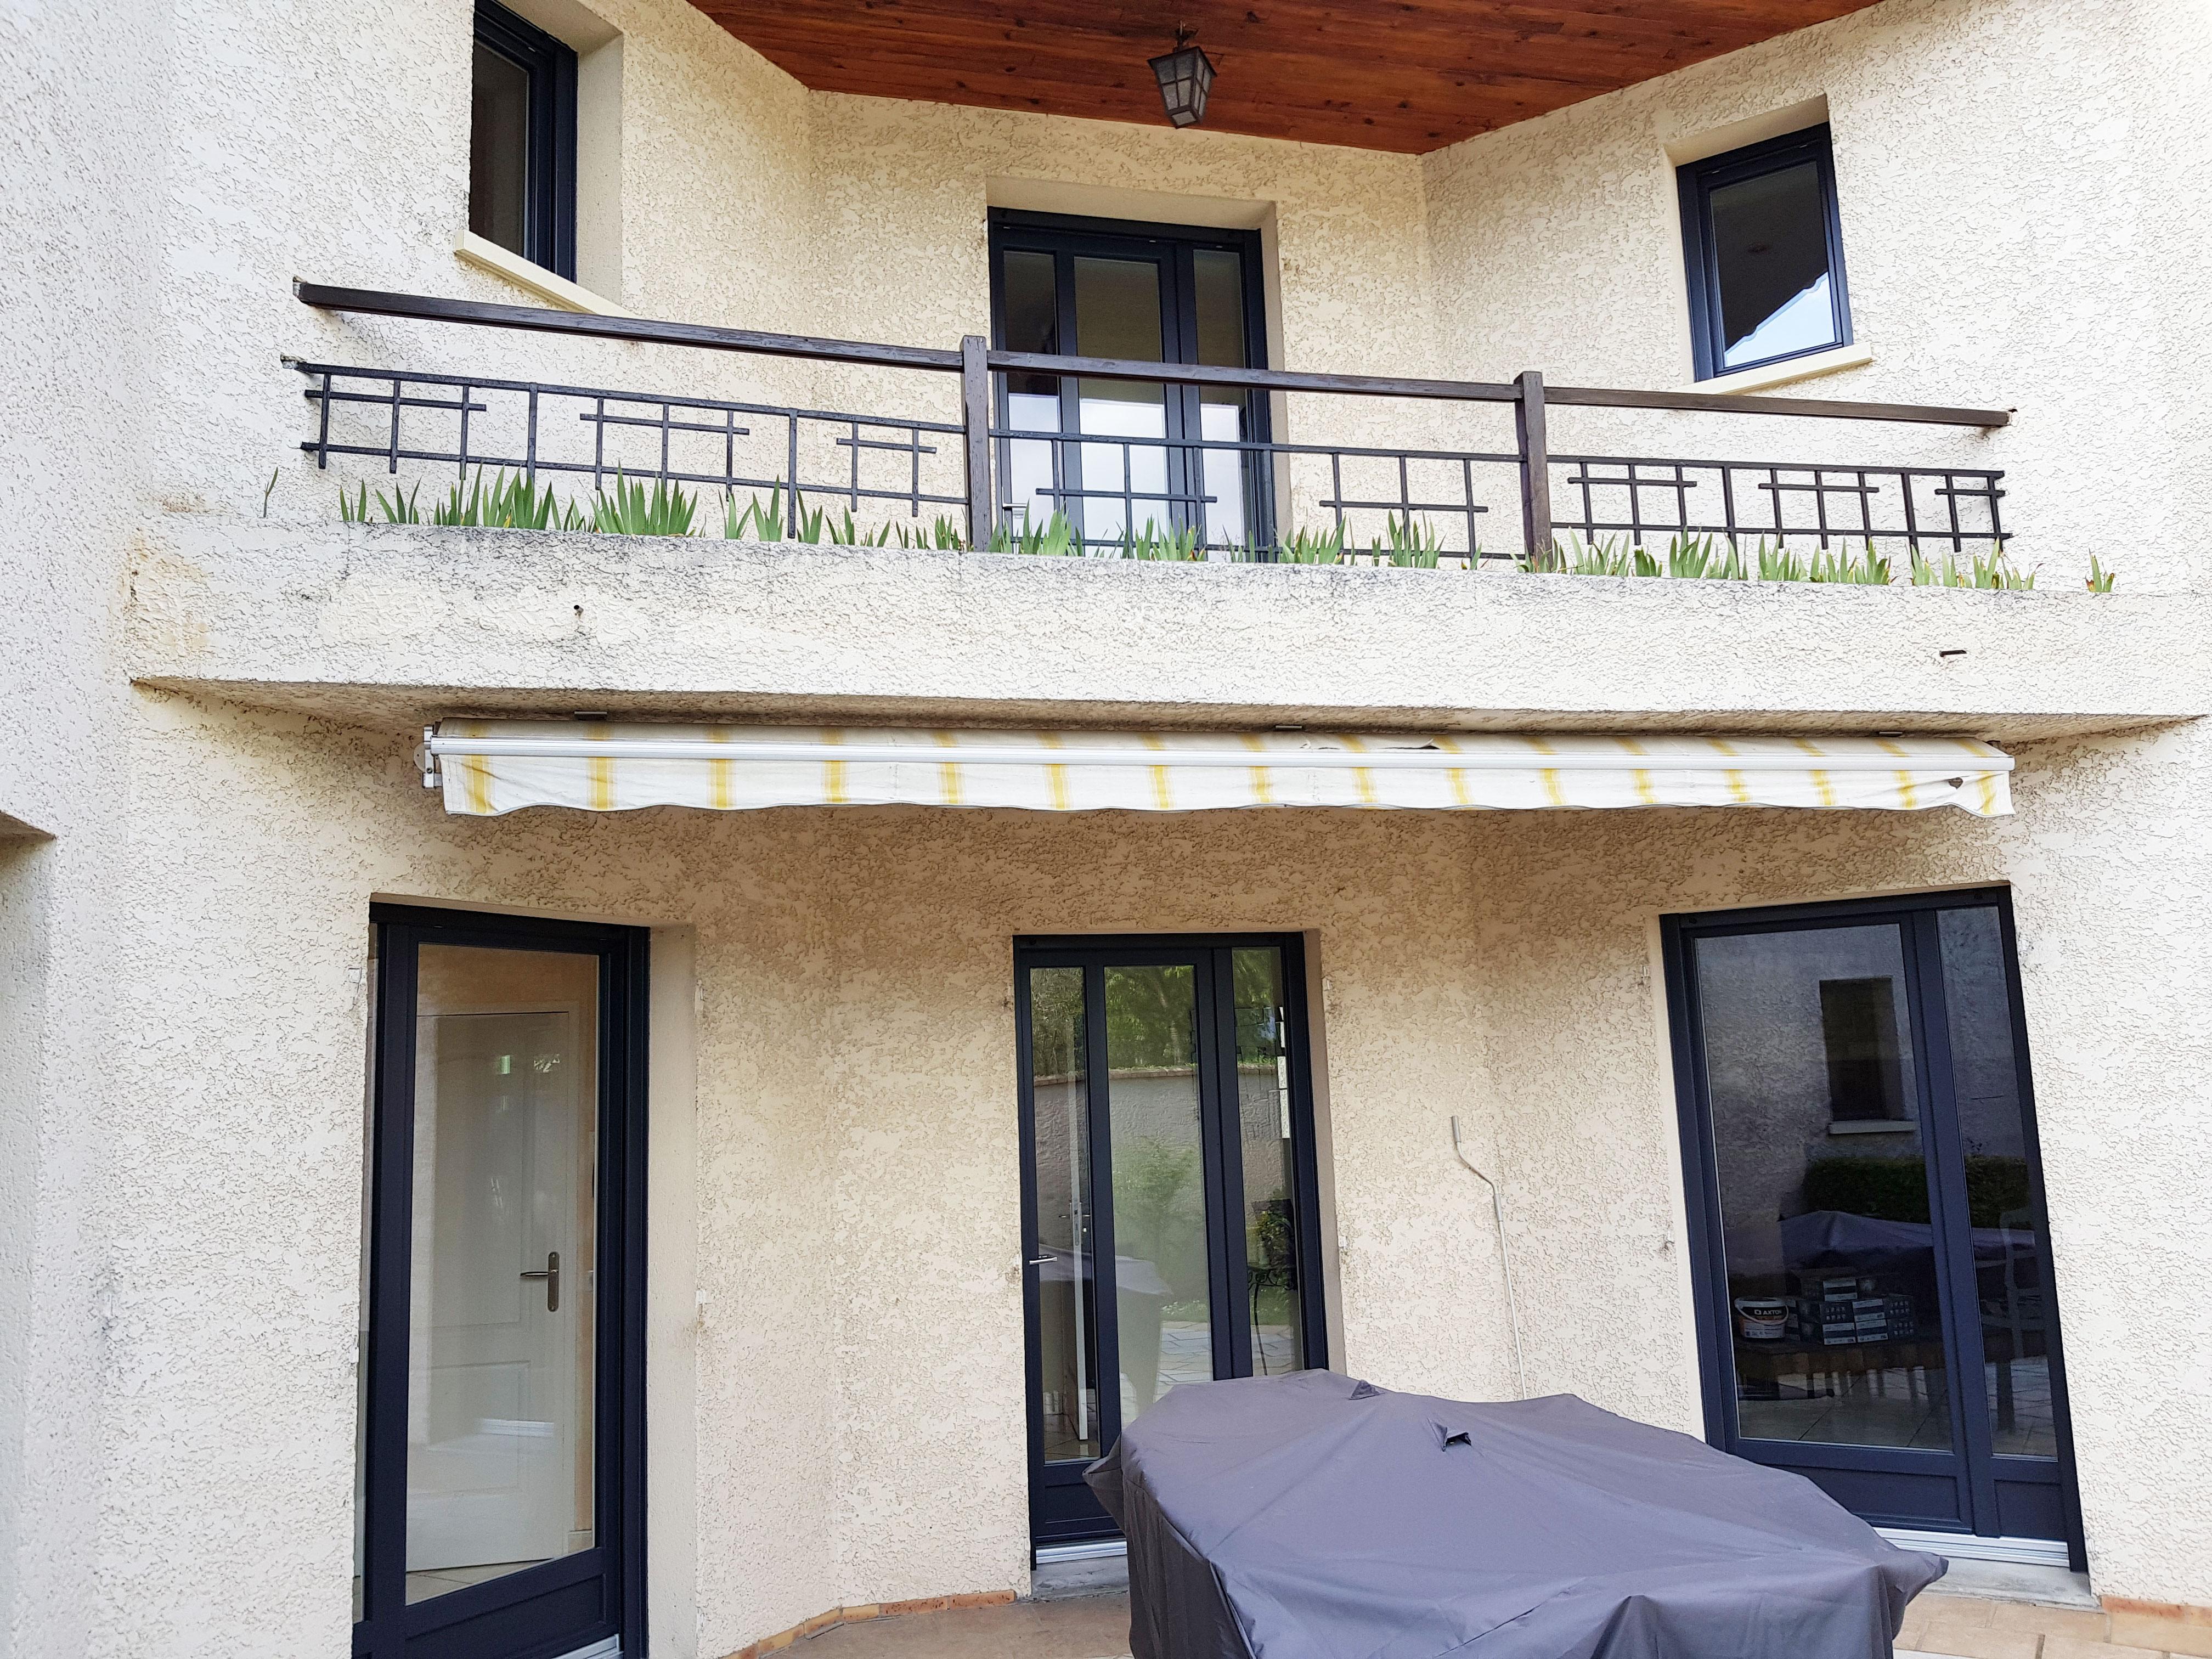 Fenêtre et porte fenêtres ouverture à la française et oscillo battant façade extérieure maison